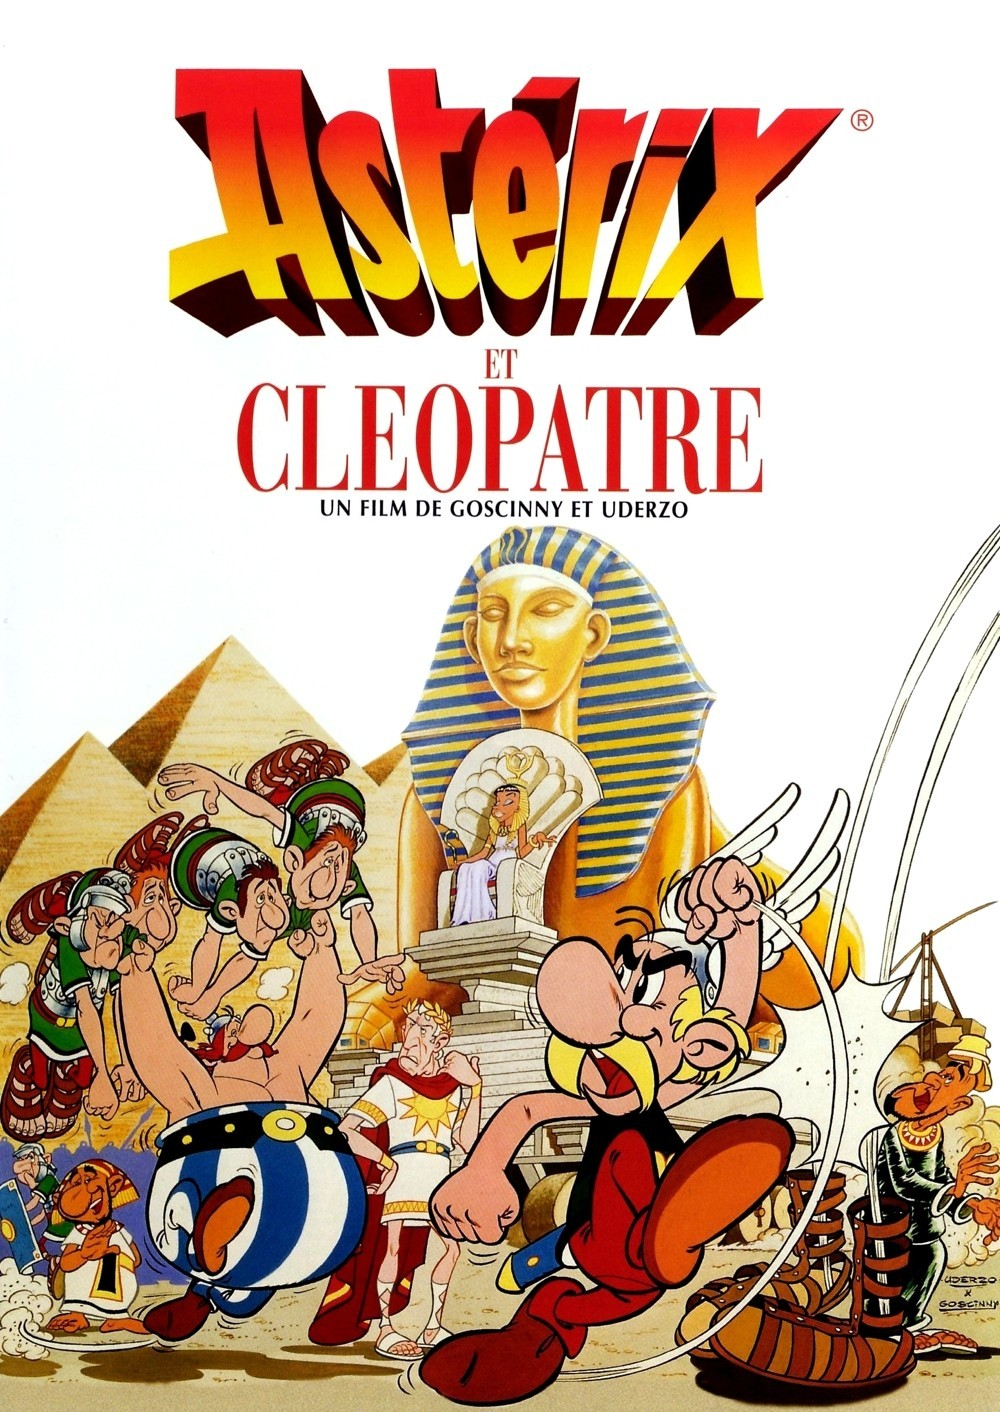 image Astérix et Cléopâtre Watch Full Movie Free Online